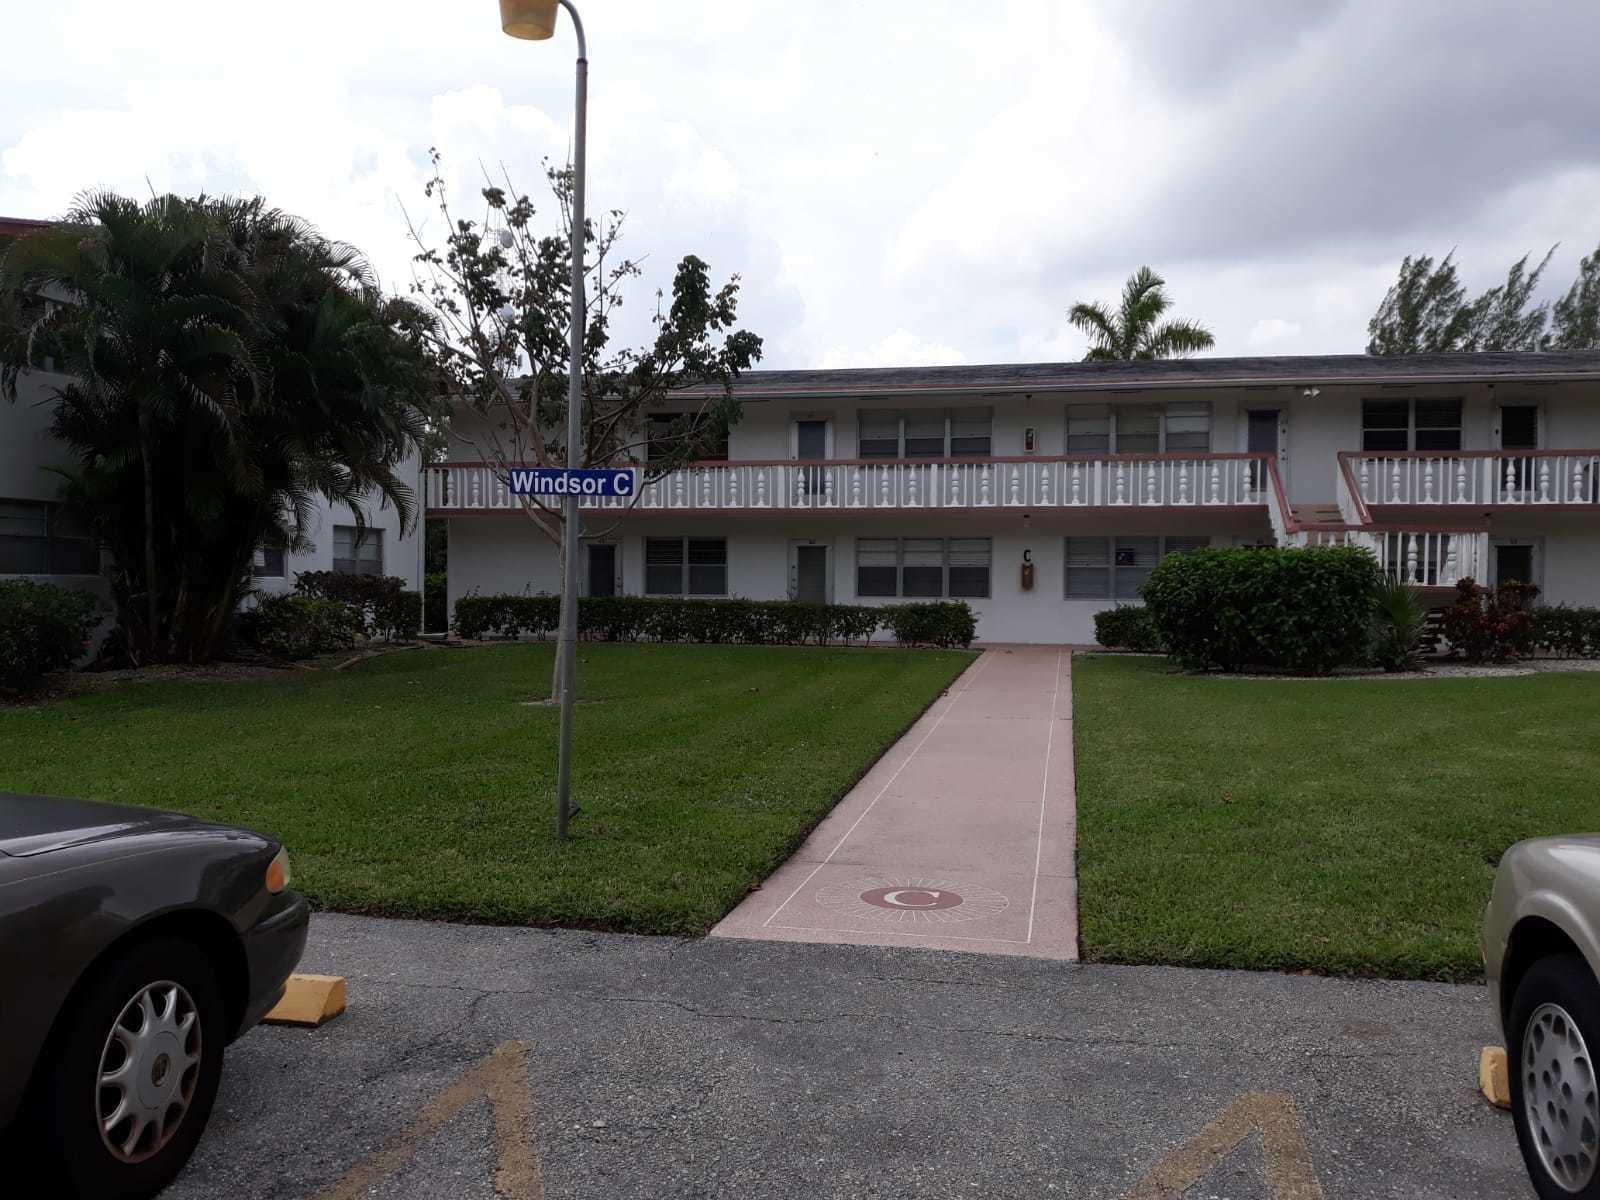 59 Windsor Drive, West Palm Beach, Florida 33417, 1 Bedroom Bedrooms, ,1 BathroomBathrooms,Condo/coop,For sale,Windsor,RX-10605528